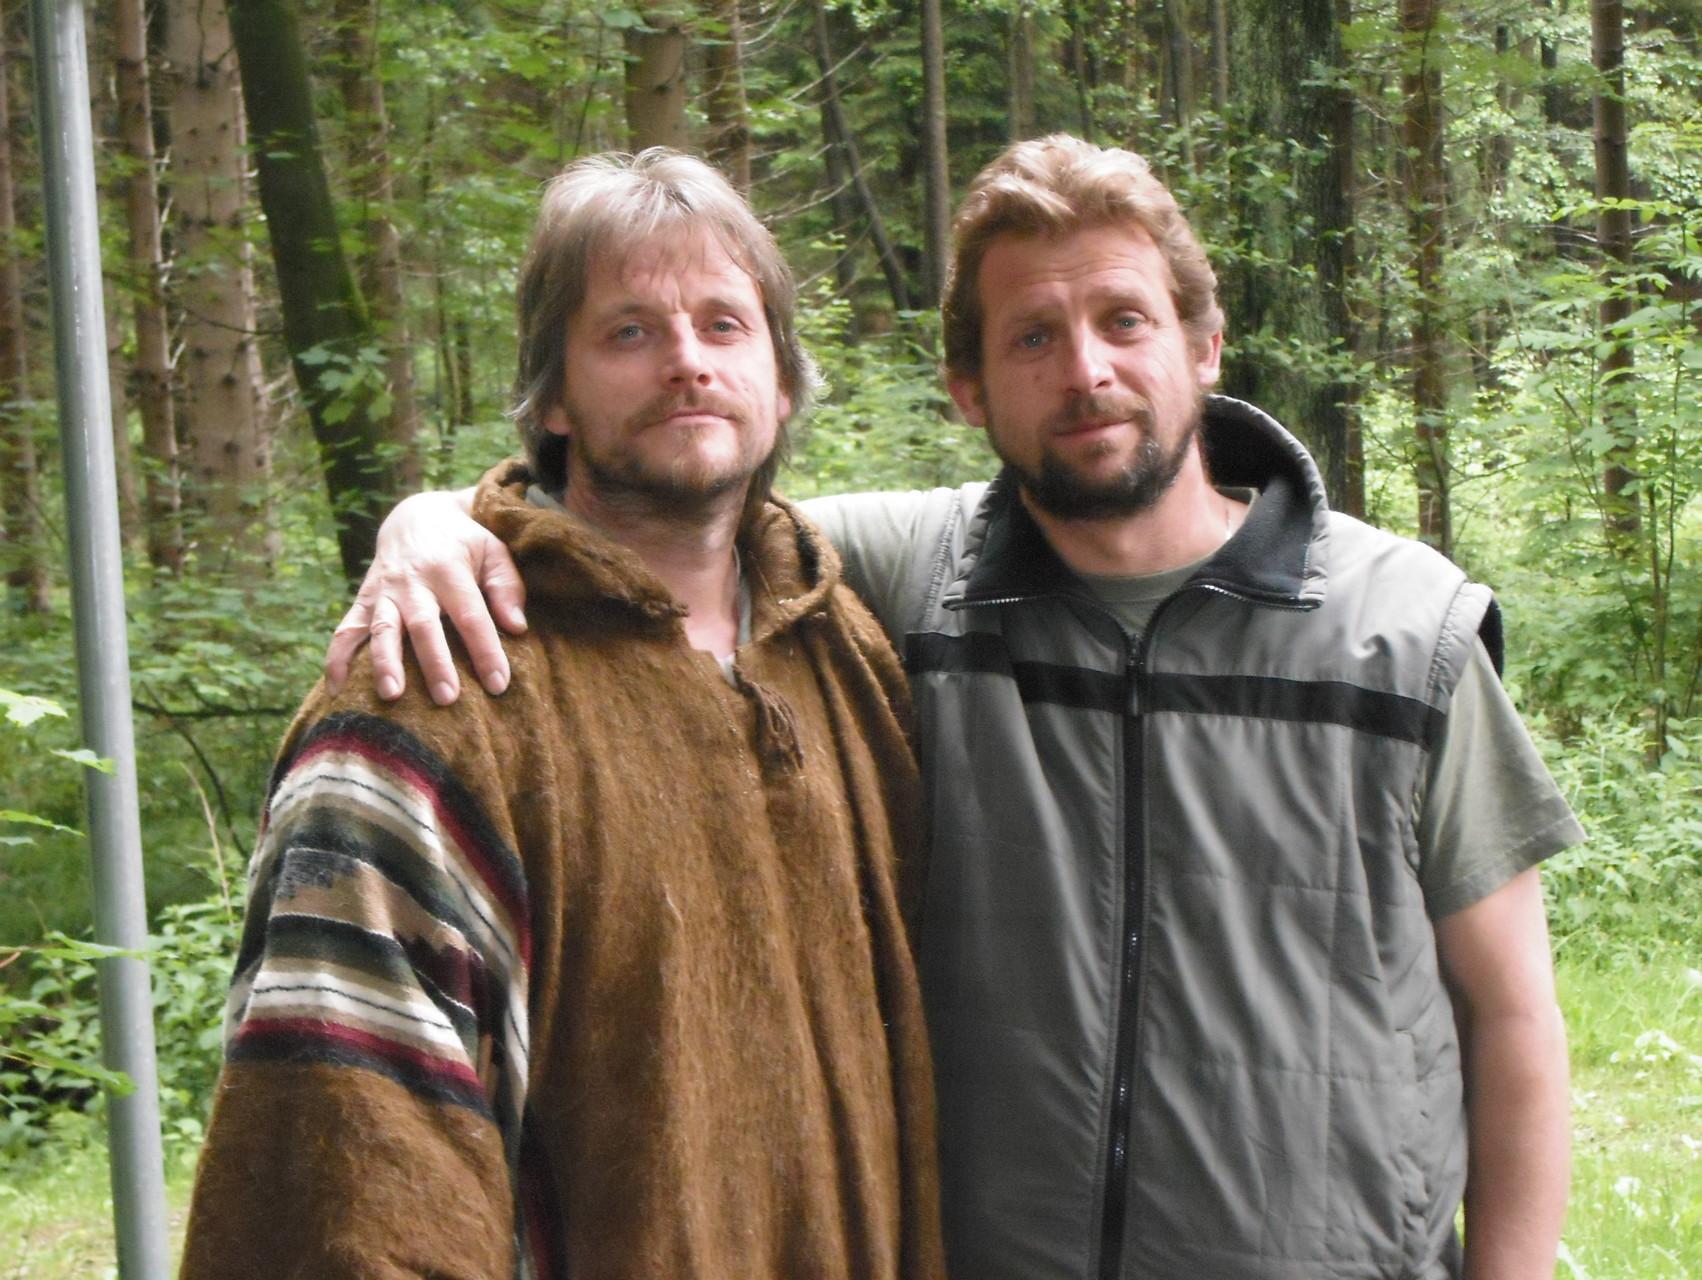 Alexander und Steffen haben den Jahreskreis der Männer ins Leben gerufen